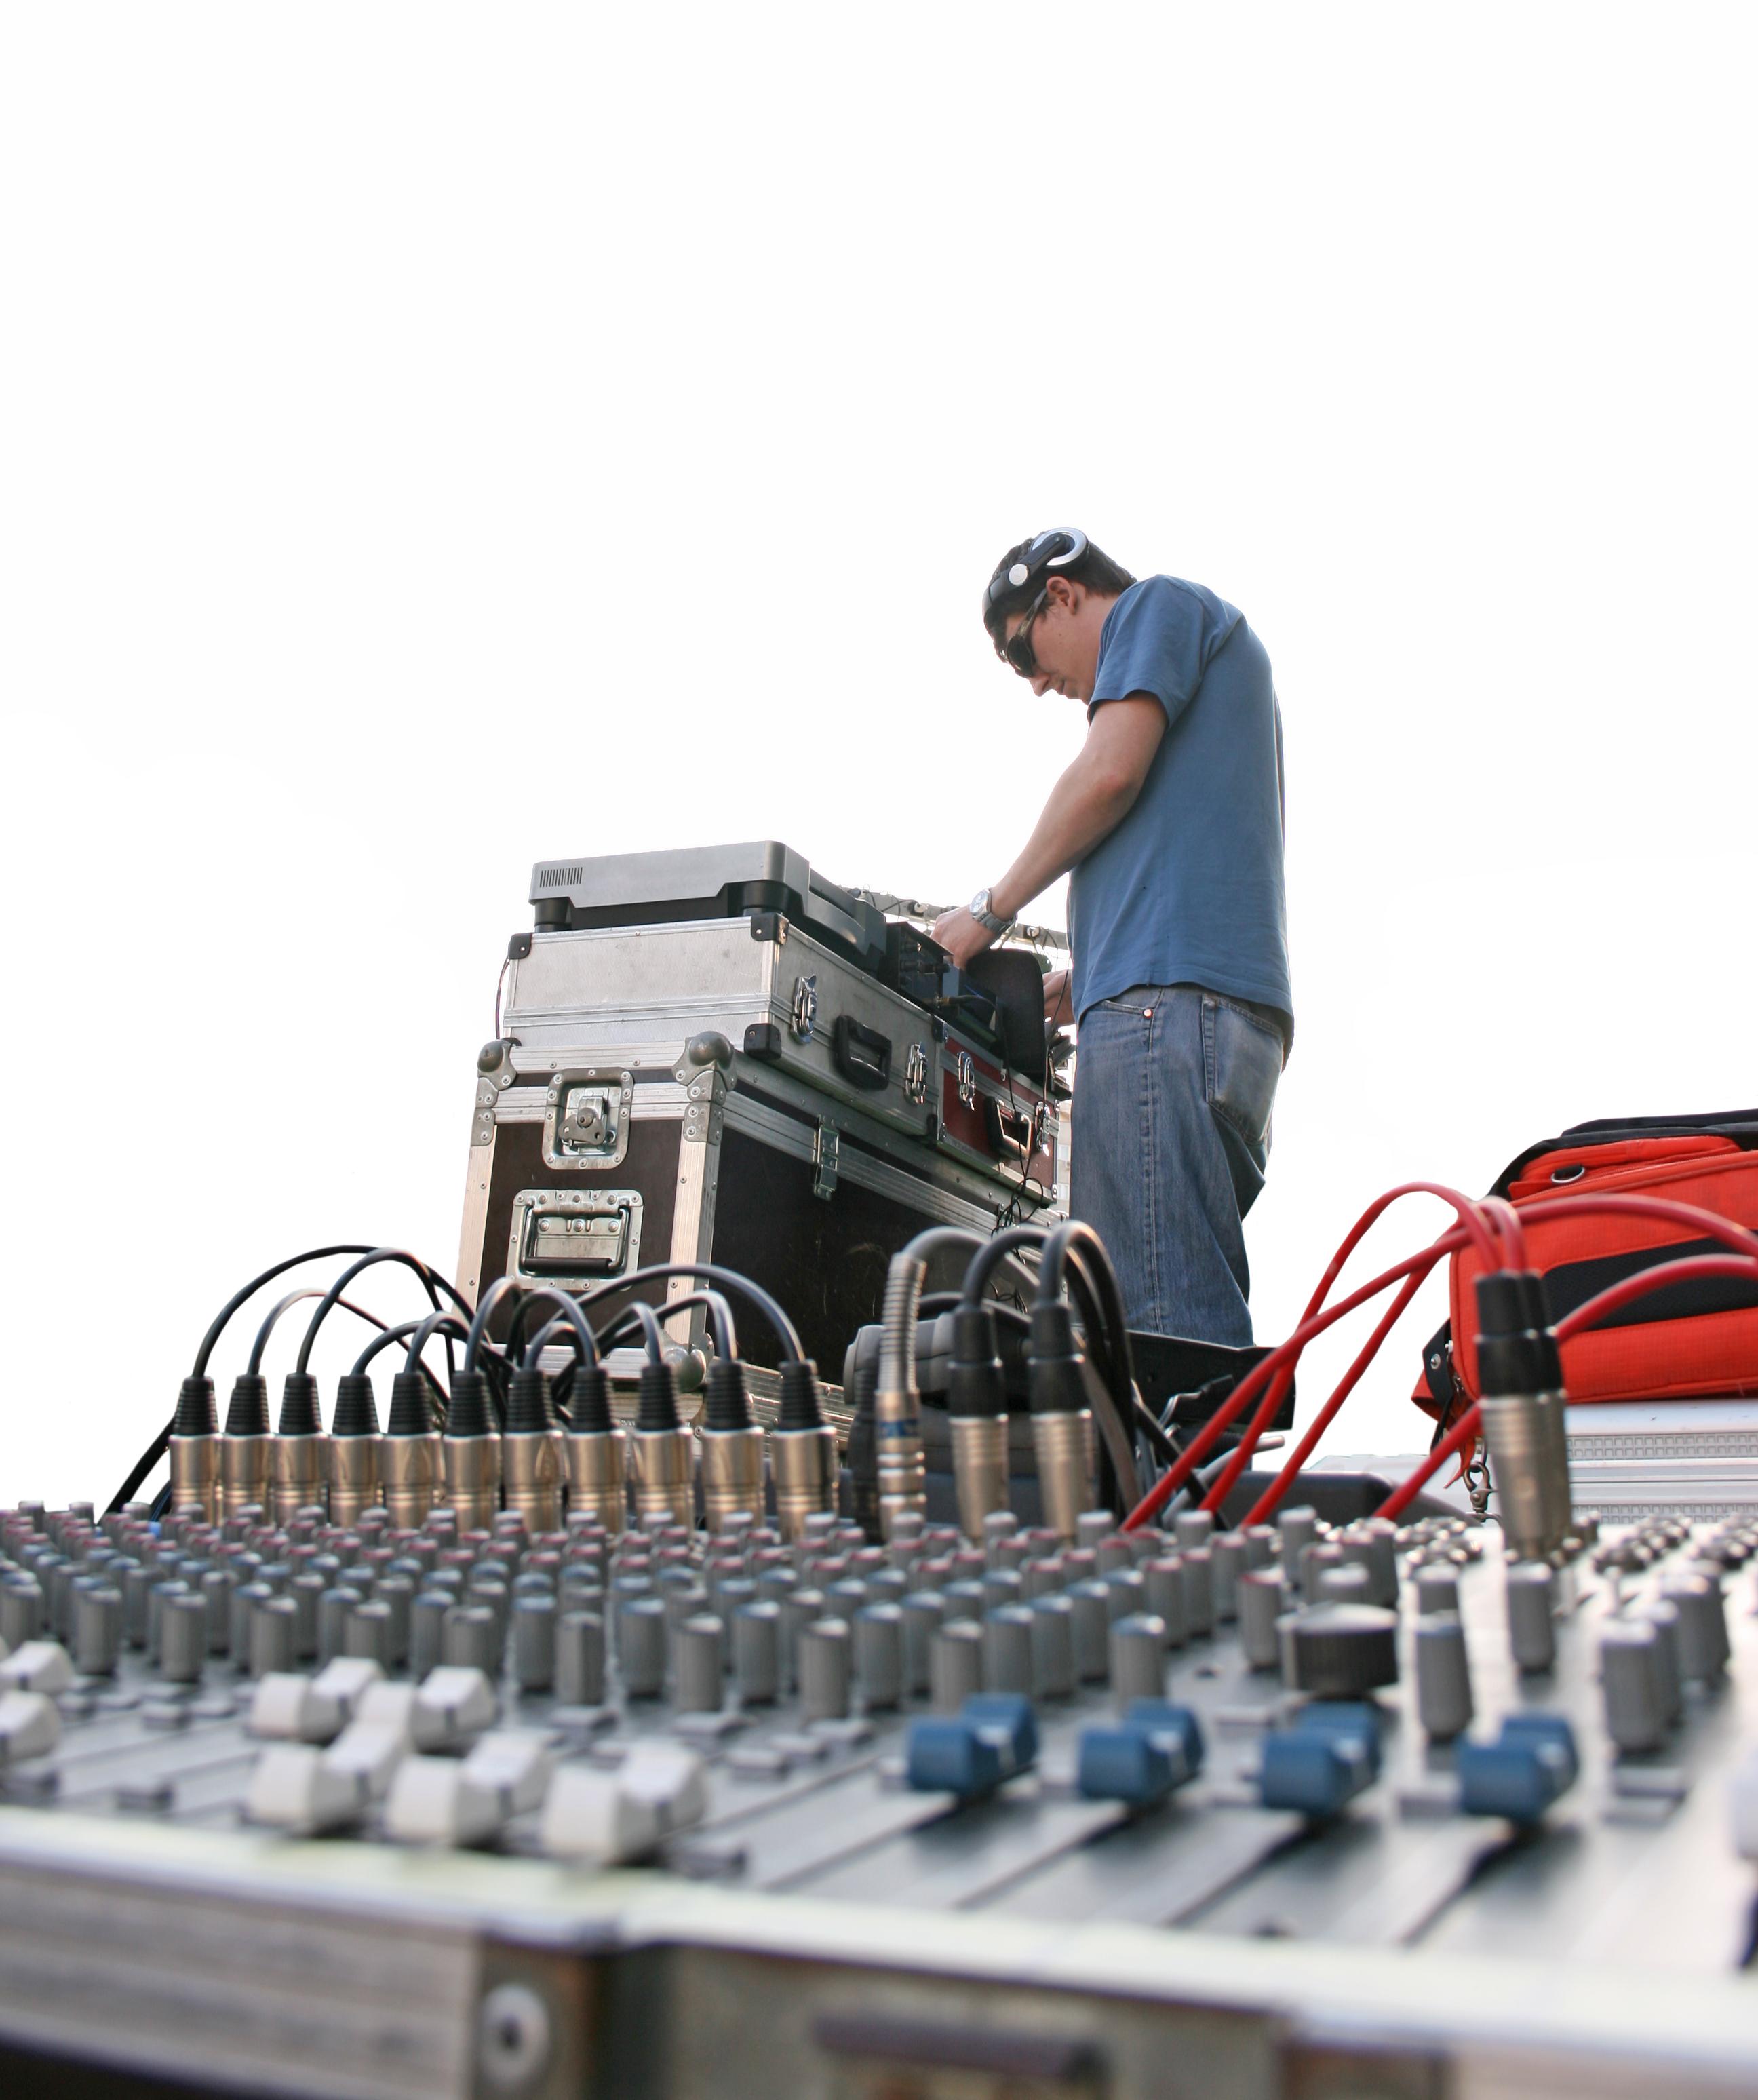 Sound technicians